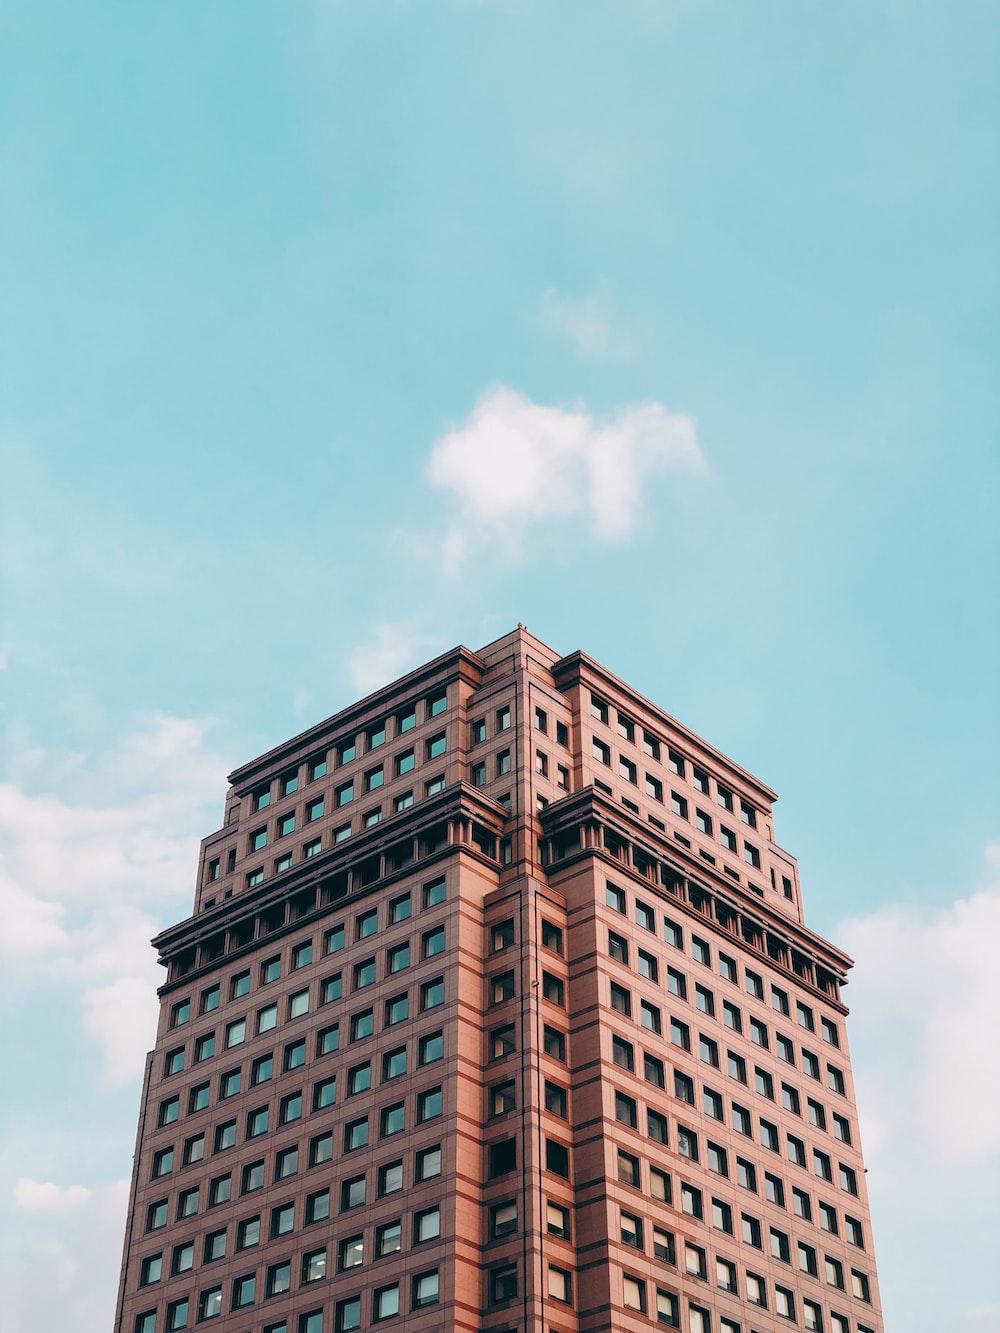 brown concrete building under blue sky